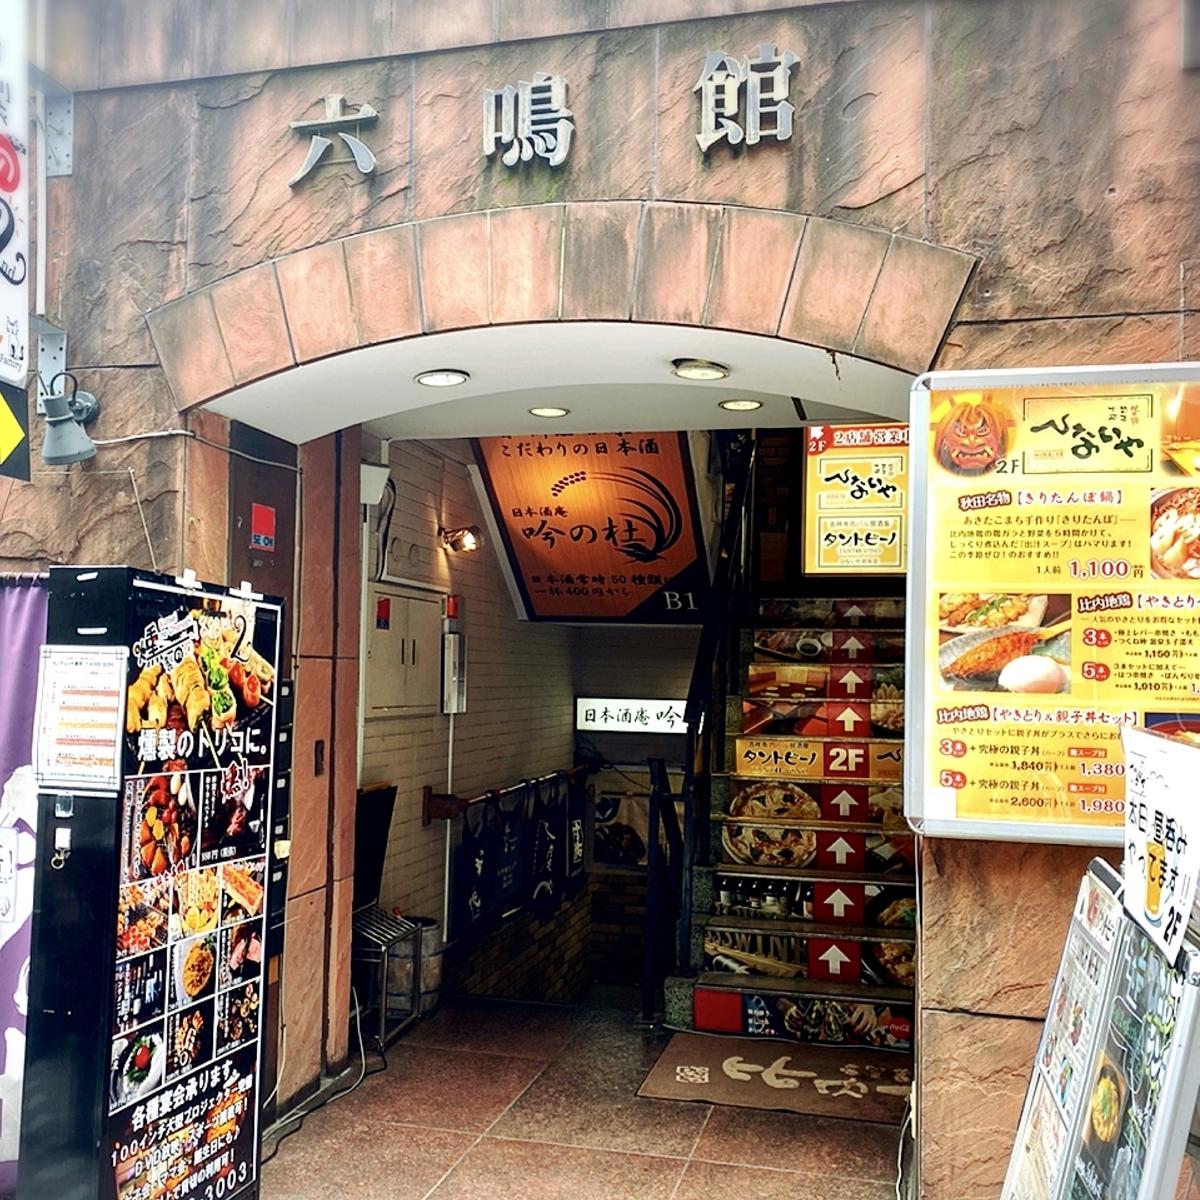 「日本酒庵 吟の杜 吉祥寺」はデートから宴会まで多岐に渡って利用できる和居酒屋